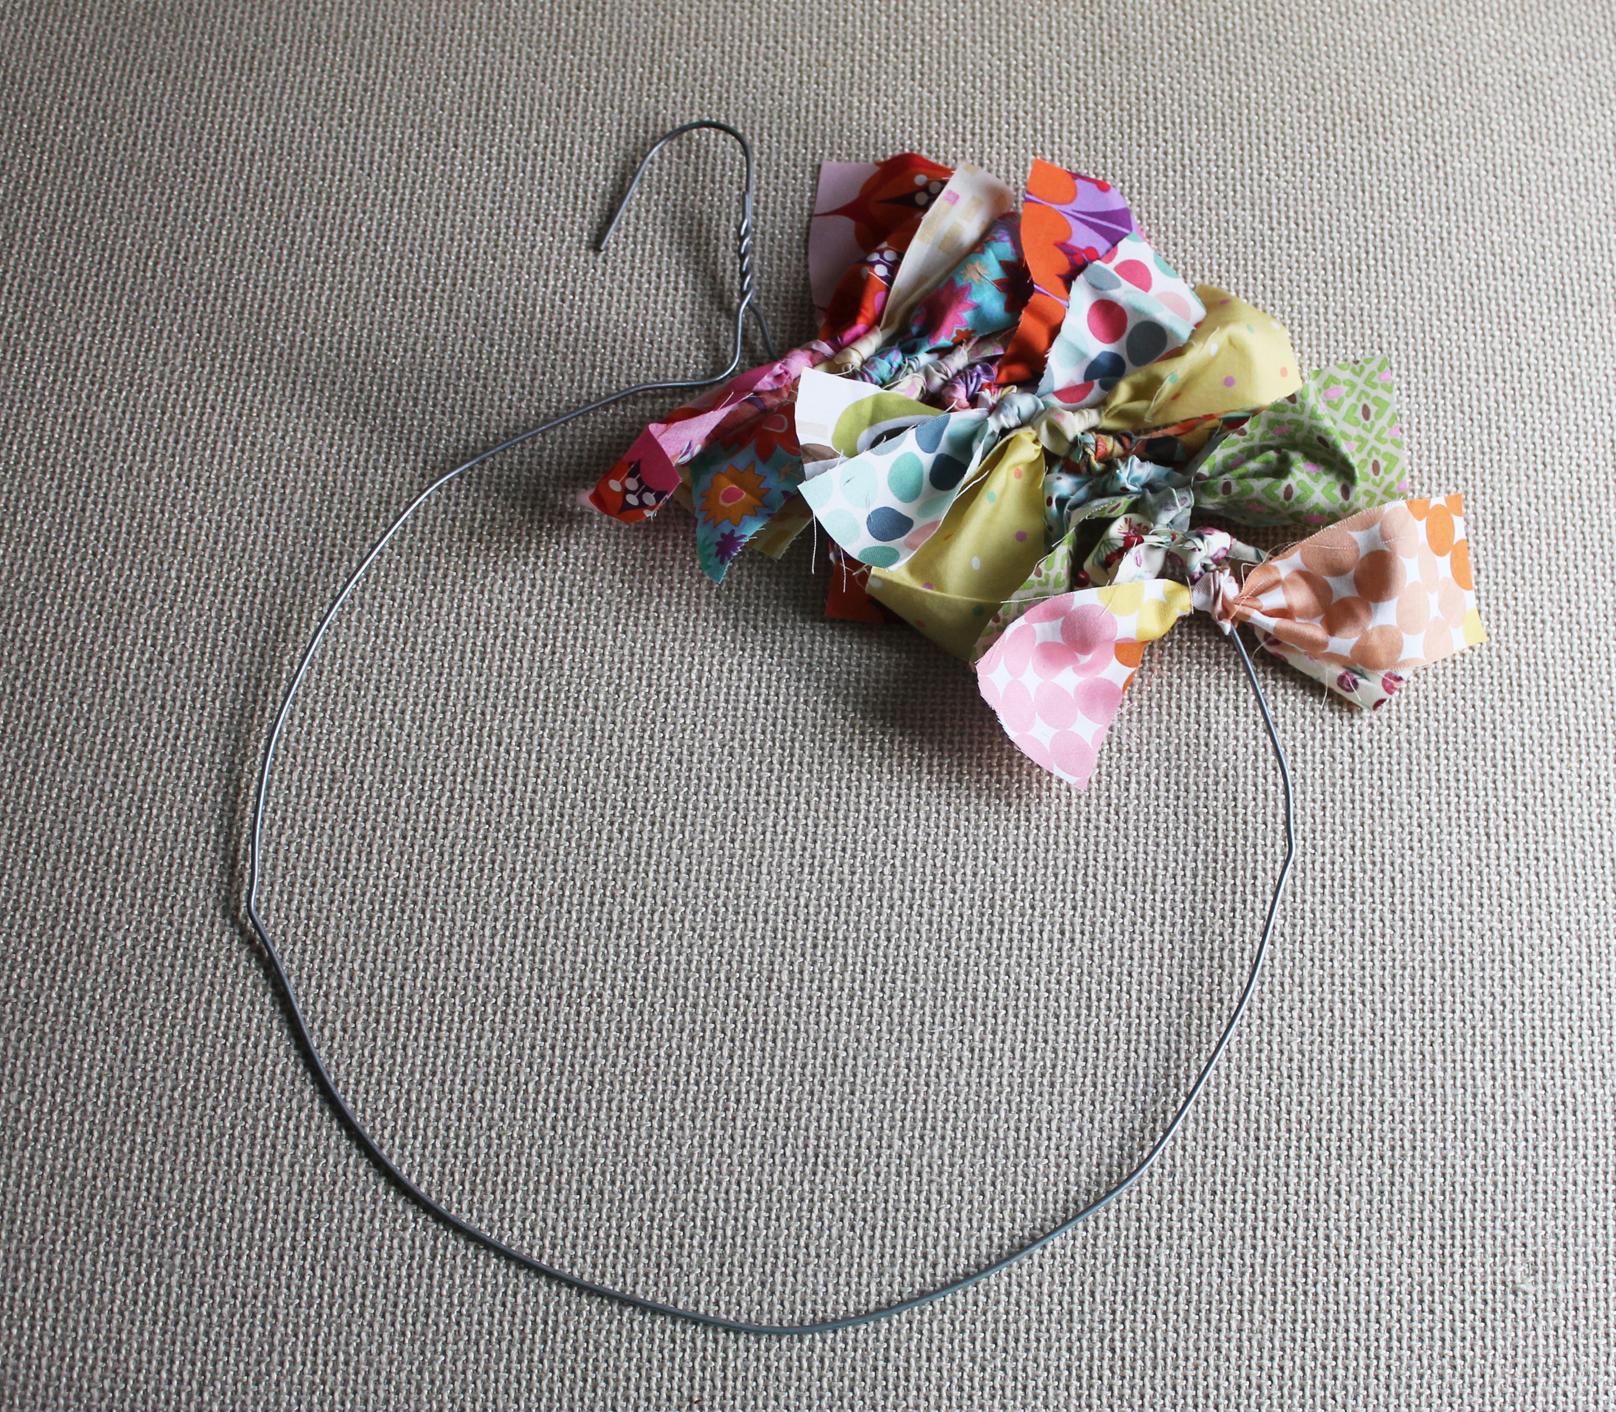 Diy rag wreath Making wreaths